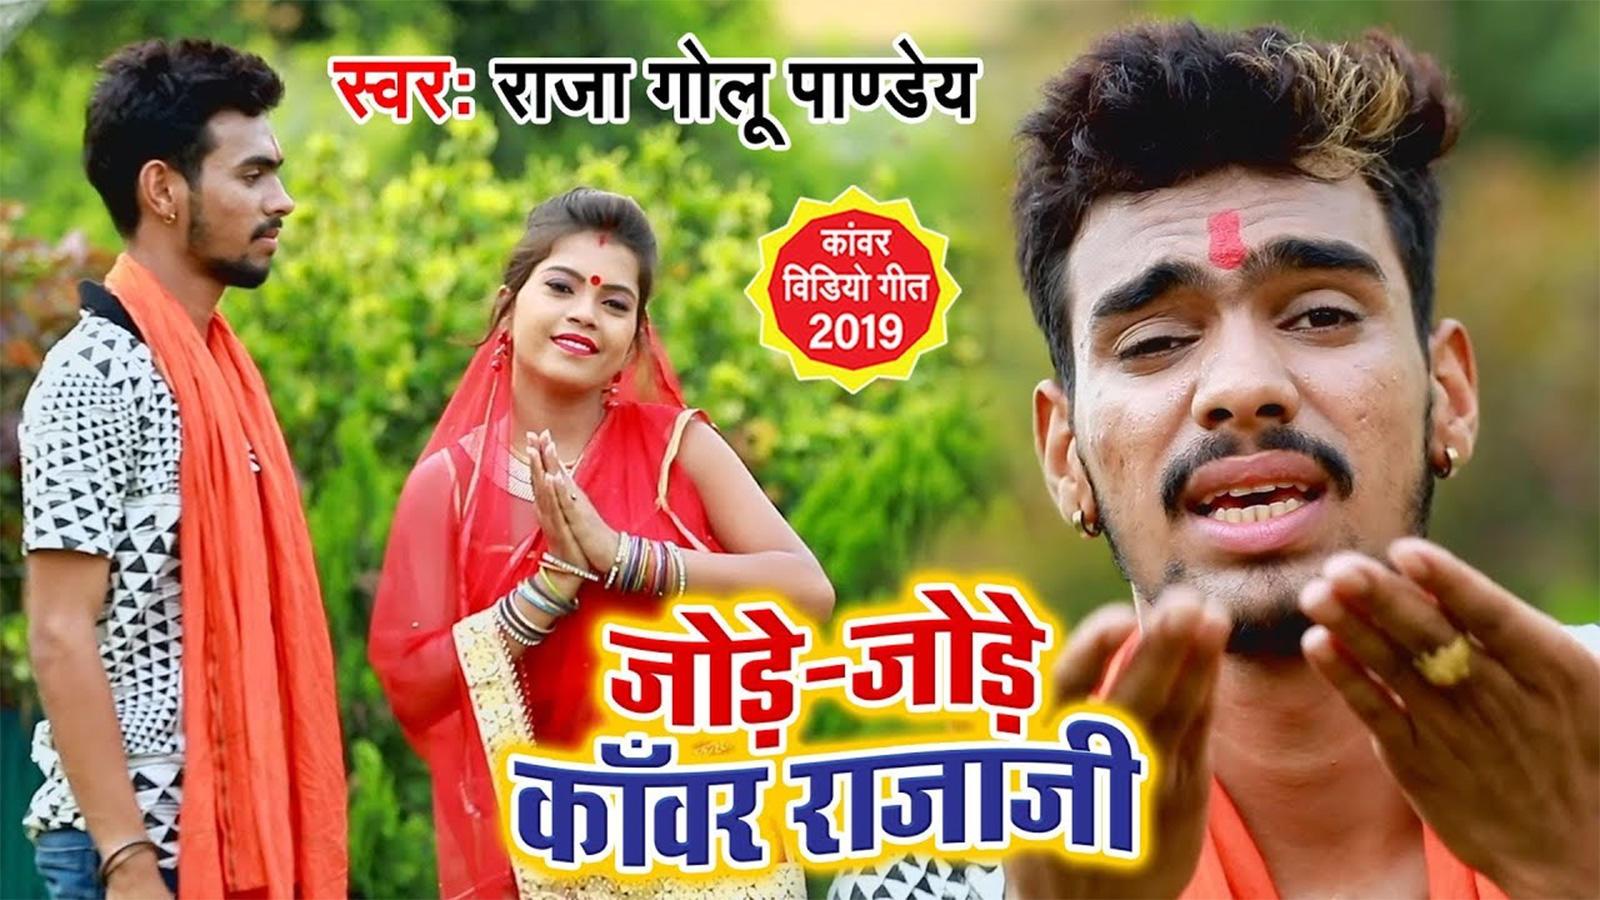 Latest Bhojpuri Song 'Jode Jode Kanwar Raja Ji' Sung By Raja Golu Pandey